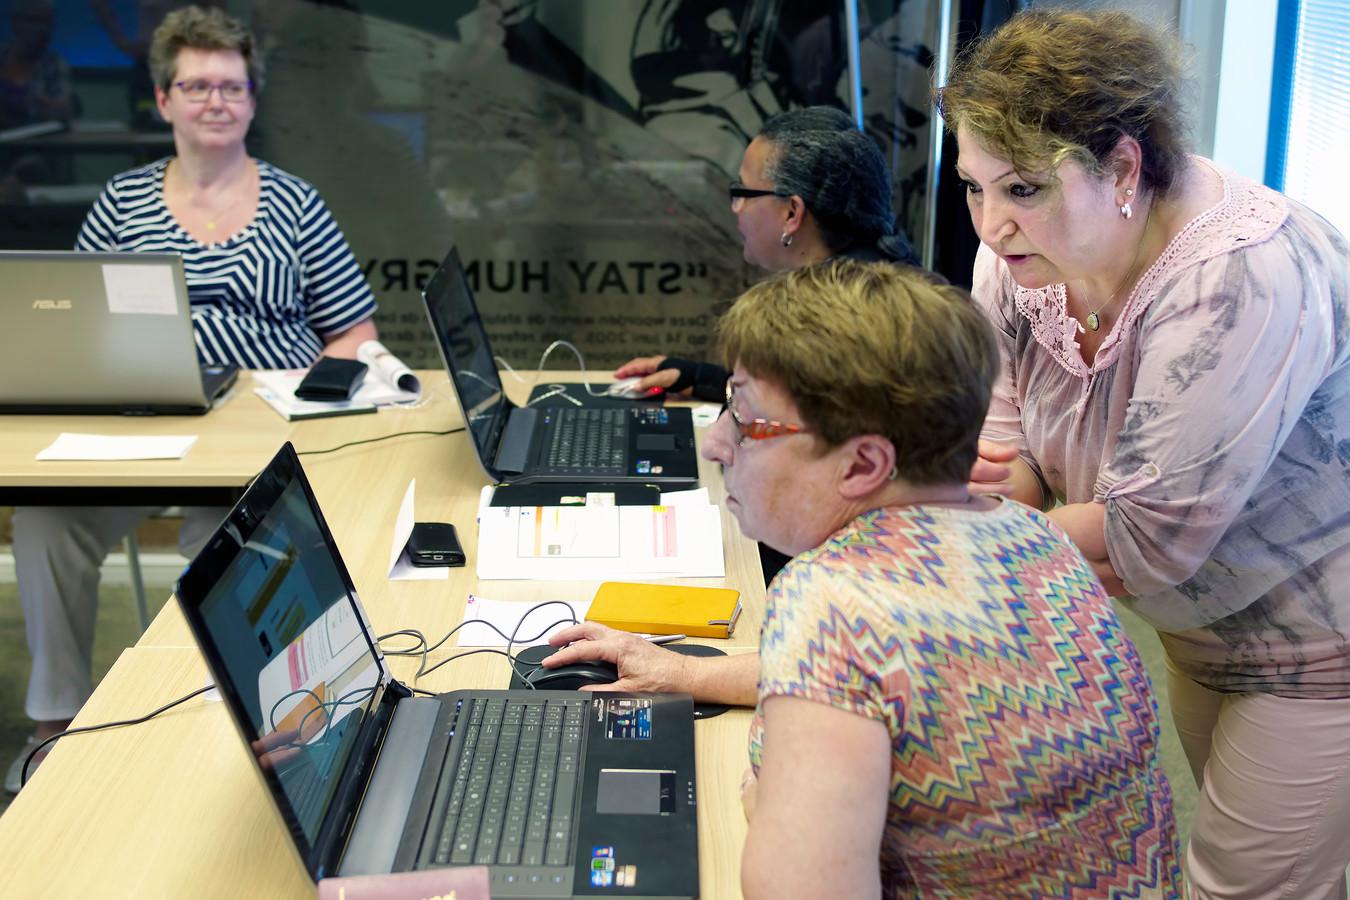 De nieuwste digitale ontwikkelingen halen werknemers soms links en rechts in.